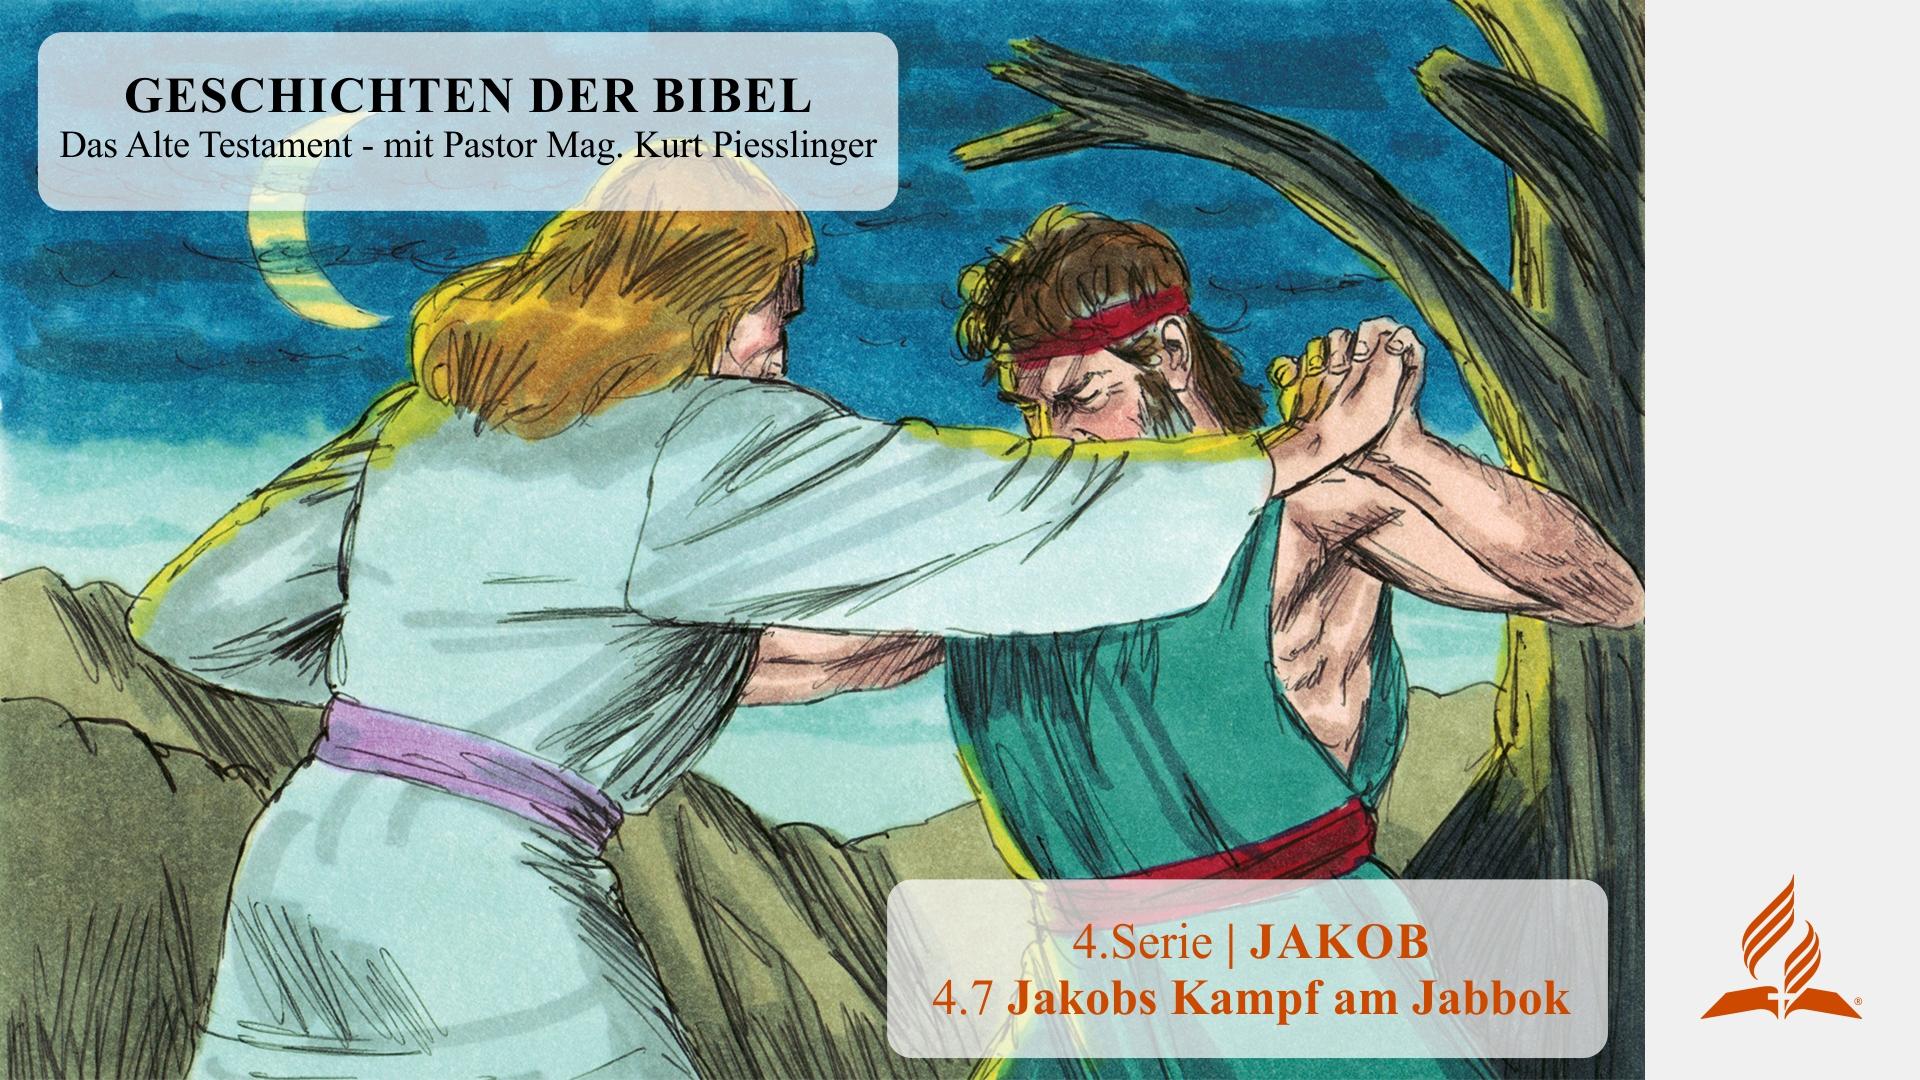 GESCHICHTEN DER BIBEL: 4.7 Jakobs Kampf am Jabbok – 4.JAKOB | Pastor Mag. Kurt Piesslinger